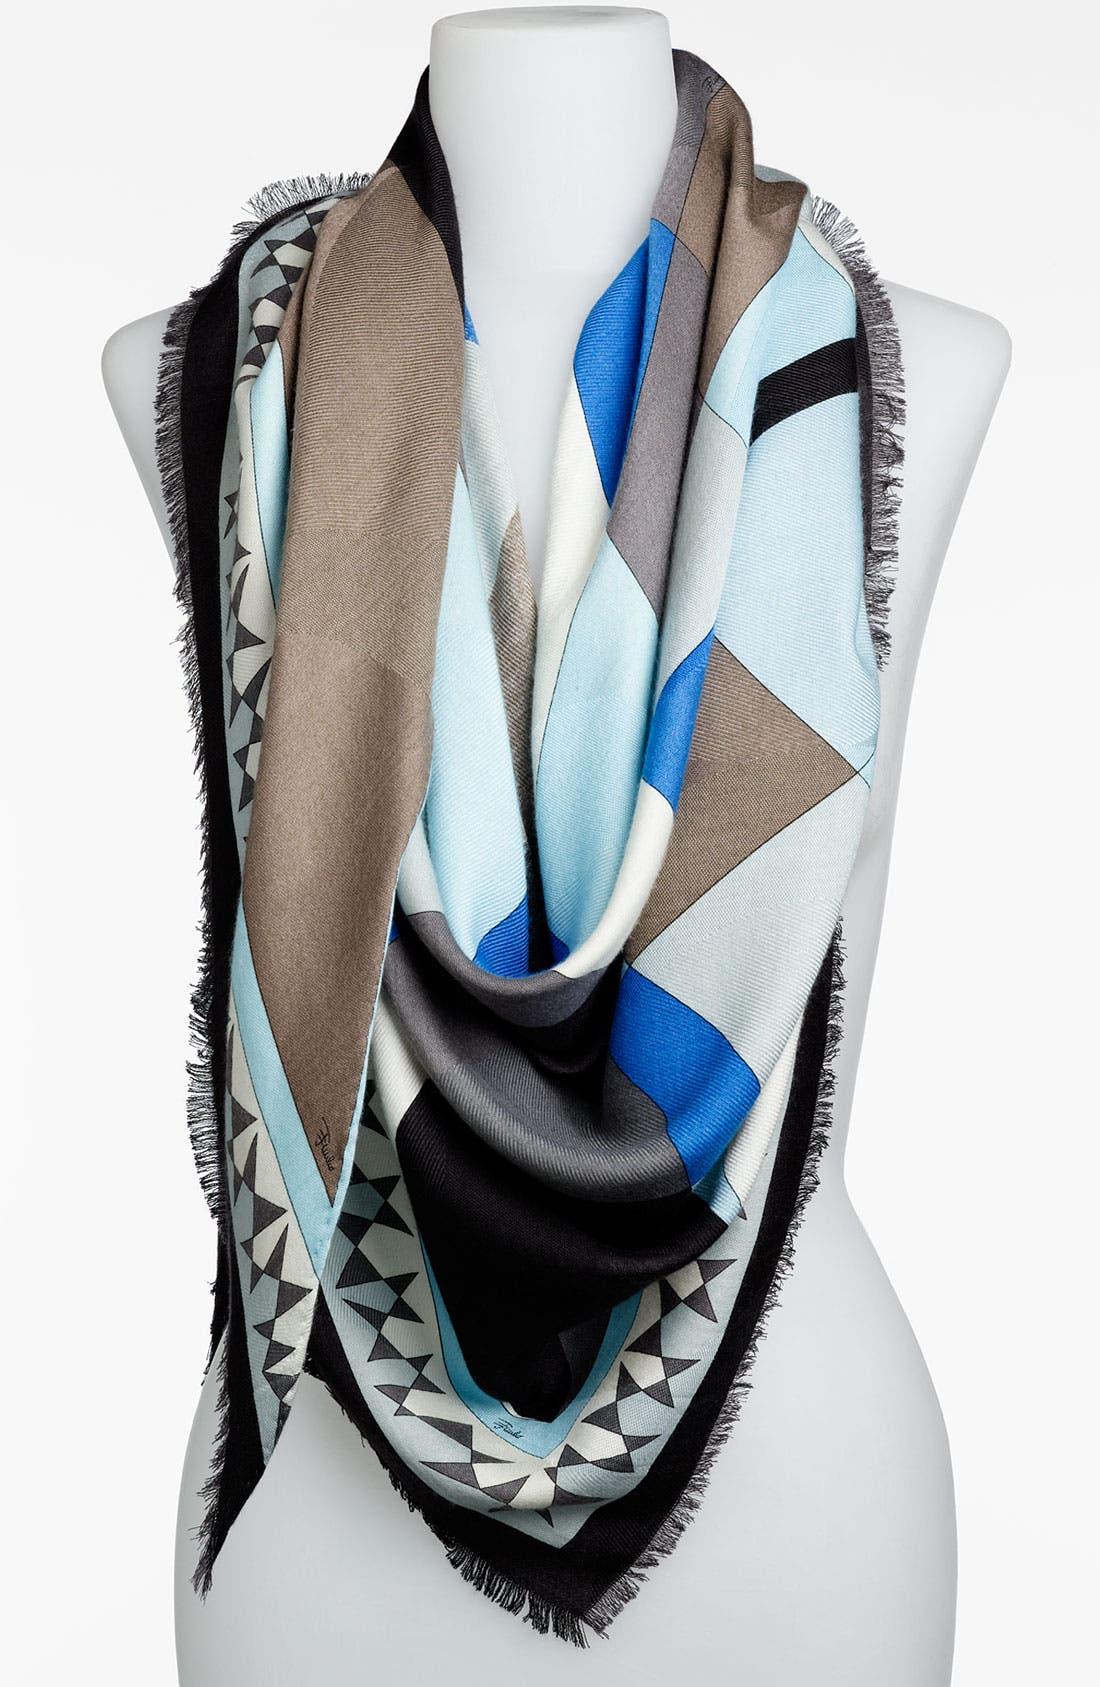 Alternate Image 1 Selected - Emilio Pucci 'Fantasia' Triangle Scarf